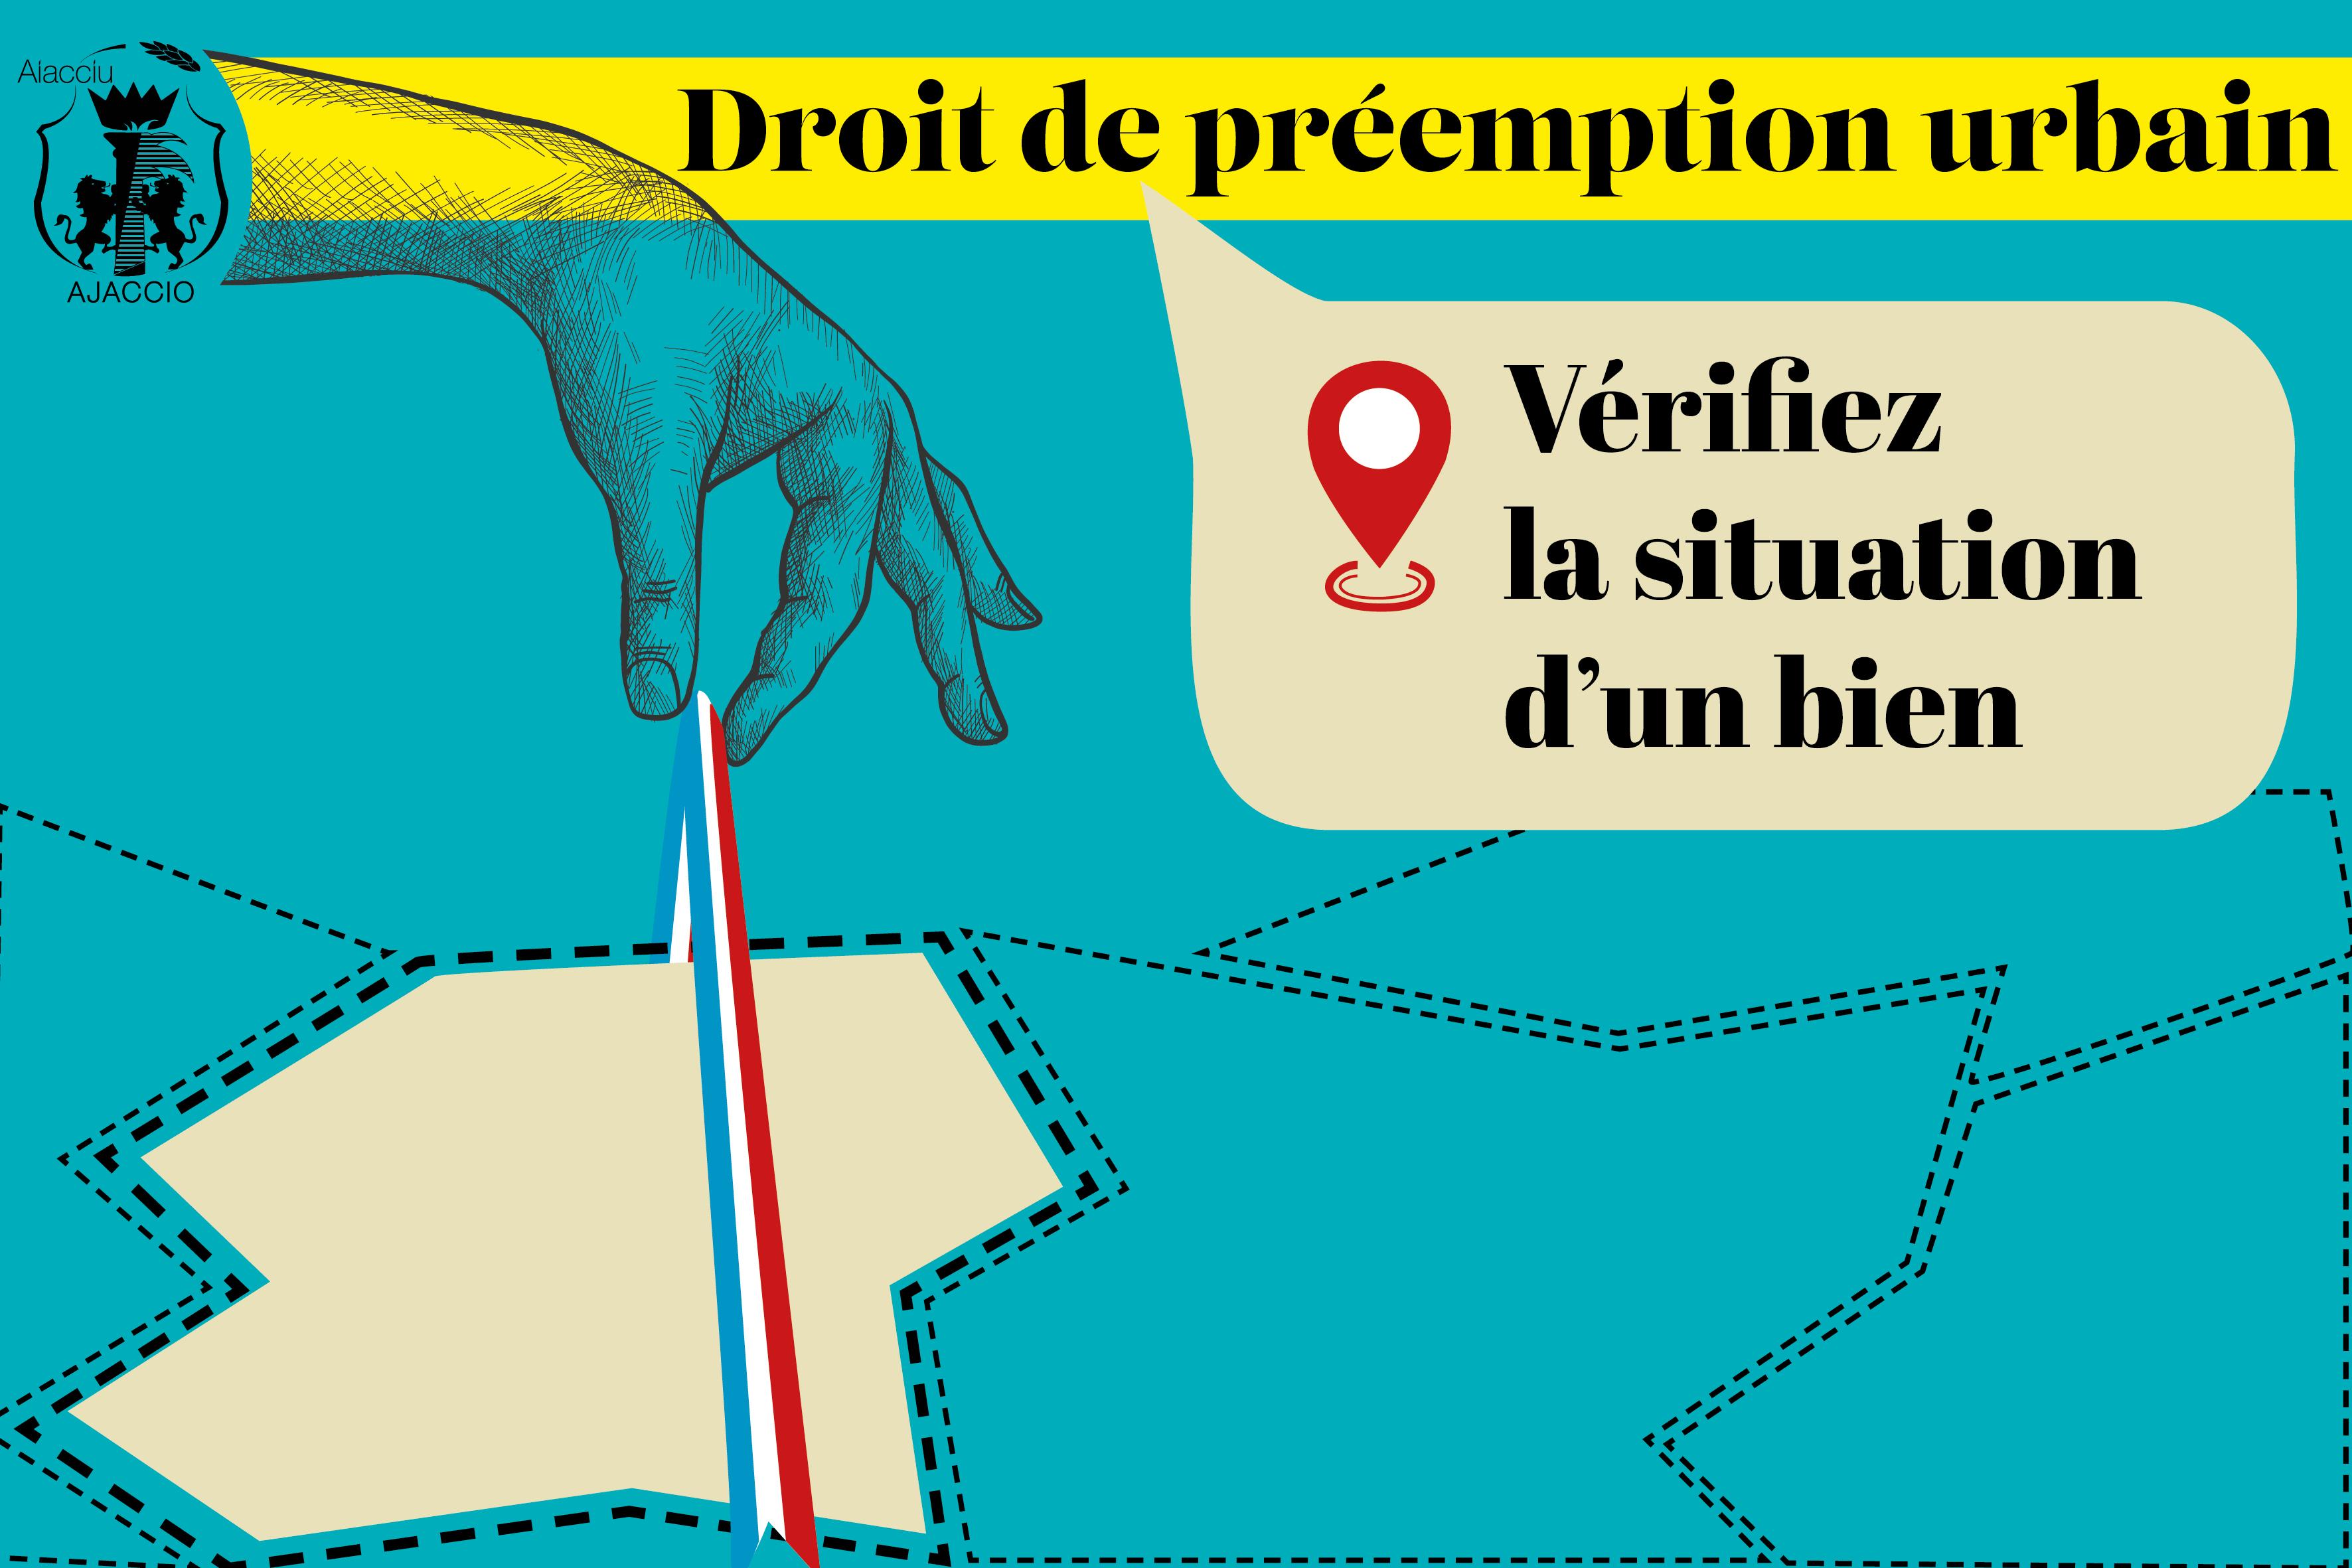 Droit de préemption, un outil pour connaître la situation d'un bien